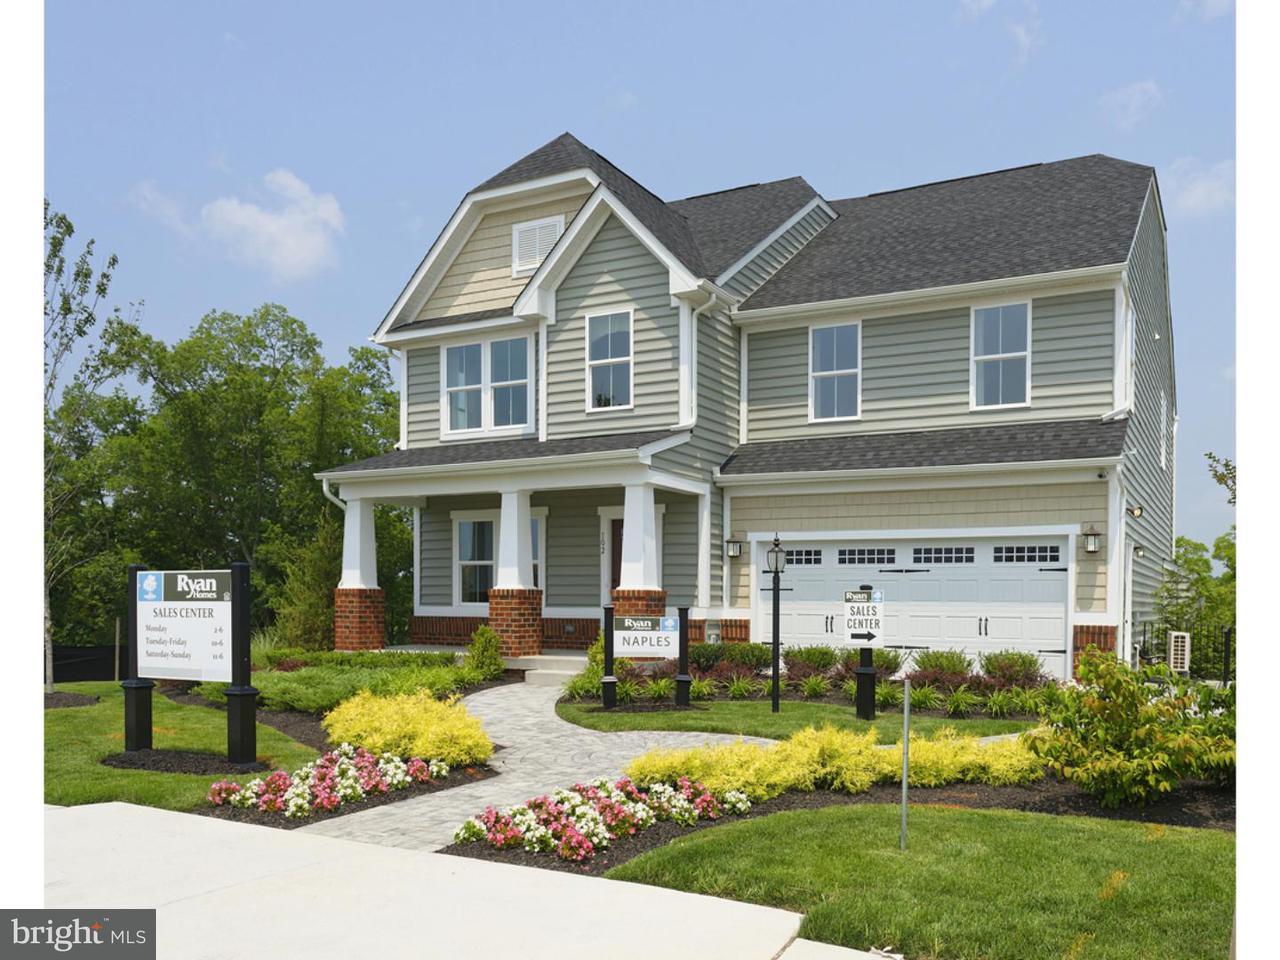 Maison unifamiliale pour l Vente à 73 PETTITS BRIDGE Road Jamison, Pennsylvanie 18929 États-Unis